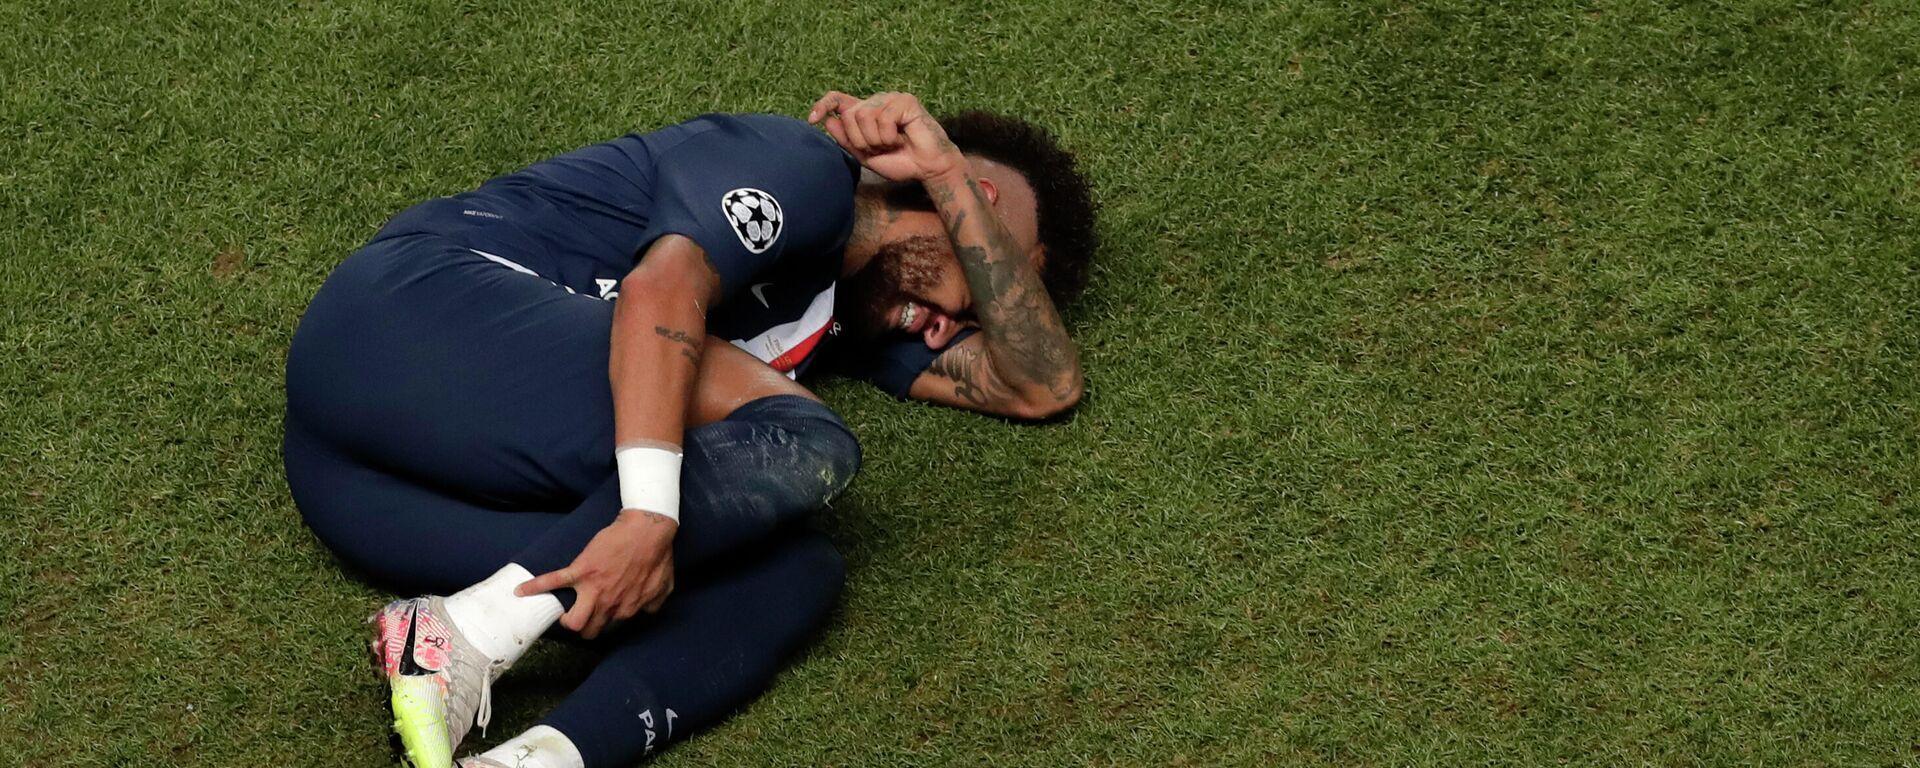 Neymar während des Fußballspiels der Champions League zwischen Paris Saint-Germain und Bayern München in Lissabon, August 2020 - SNA, 1920, 05.01.2021